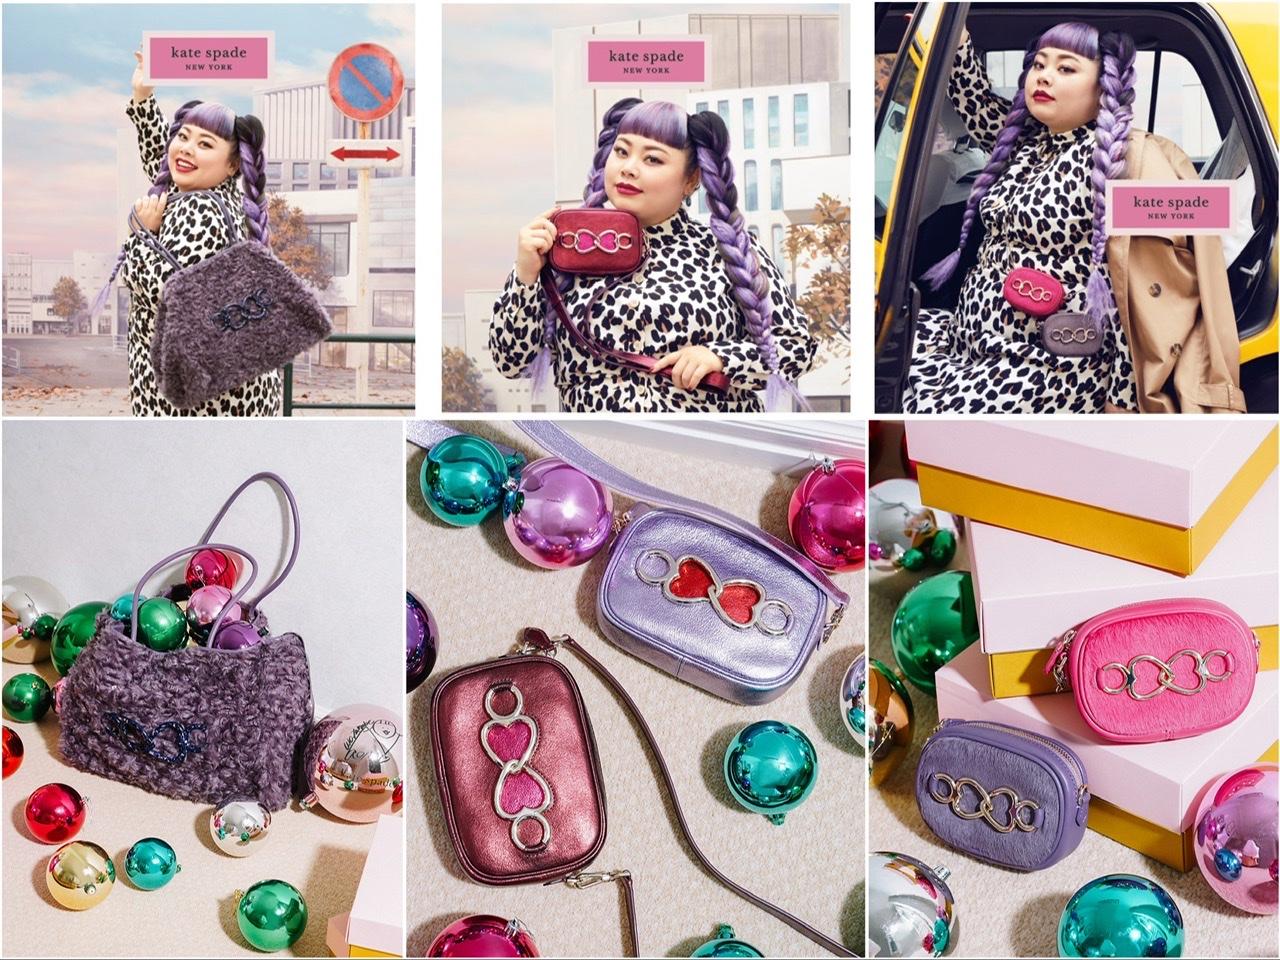 『ケイト・スペード ニューヨーク』×渡辺直美さんコラボコレクション発売中! 華やかバッグをホリデーのおともに_1